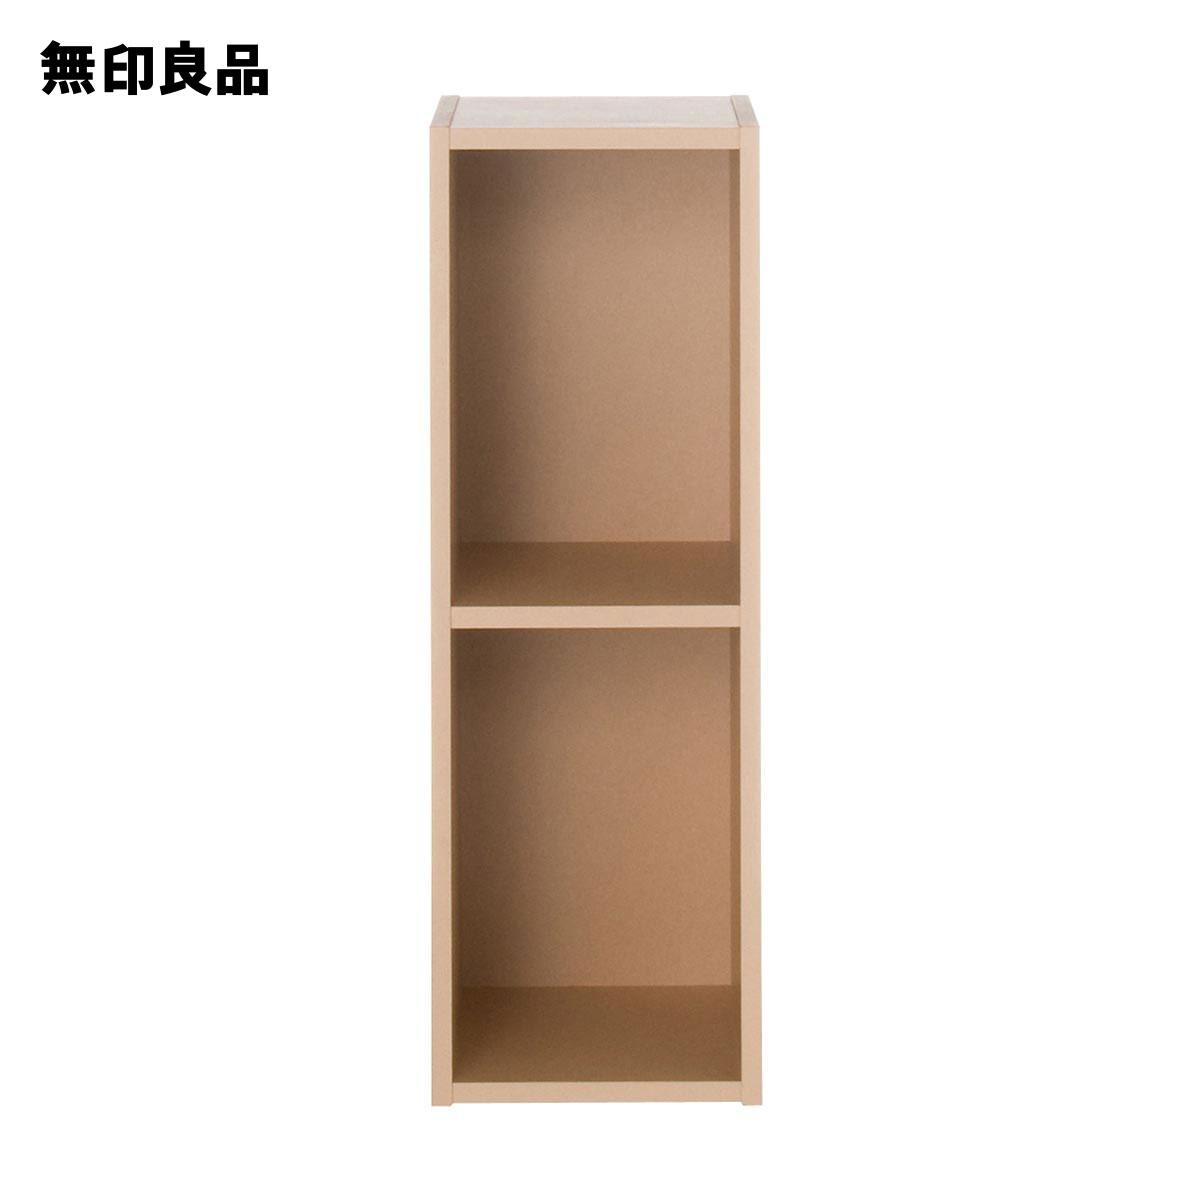 【無印良品 公式】パルプボードボックス・スリム・2段/ベージュ幅25×奥行29×高さ73cm